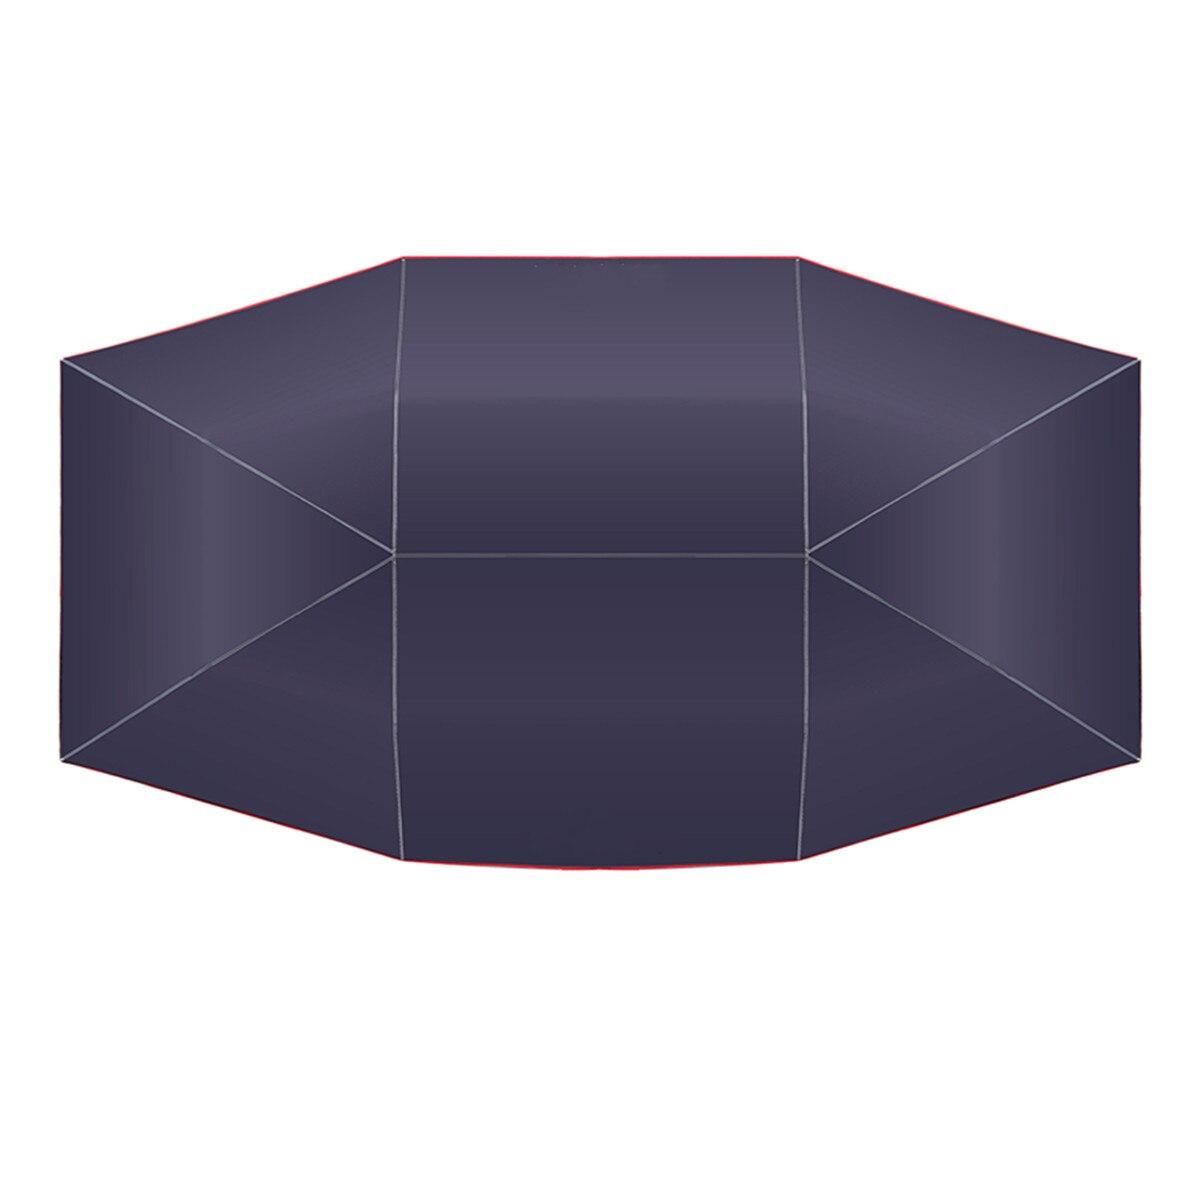 4.5x2.3 M/4.2x2.1 M Portable extérieur voiture véhicule tente voiture parapluie soleil ombre couverture Oxford tissu Polyester couvre sans support - 6